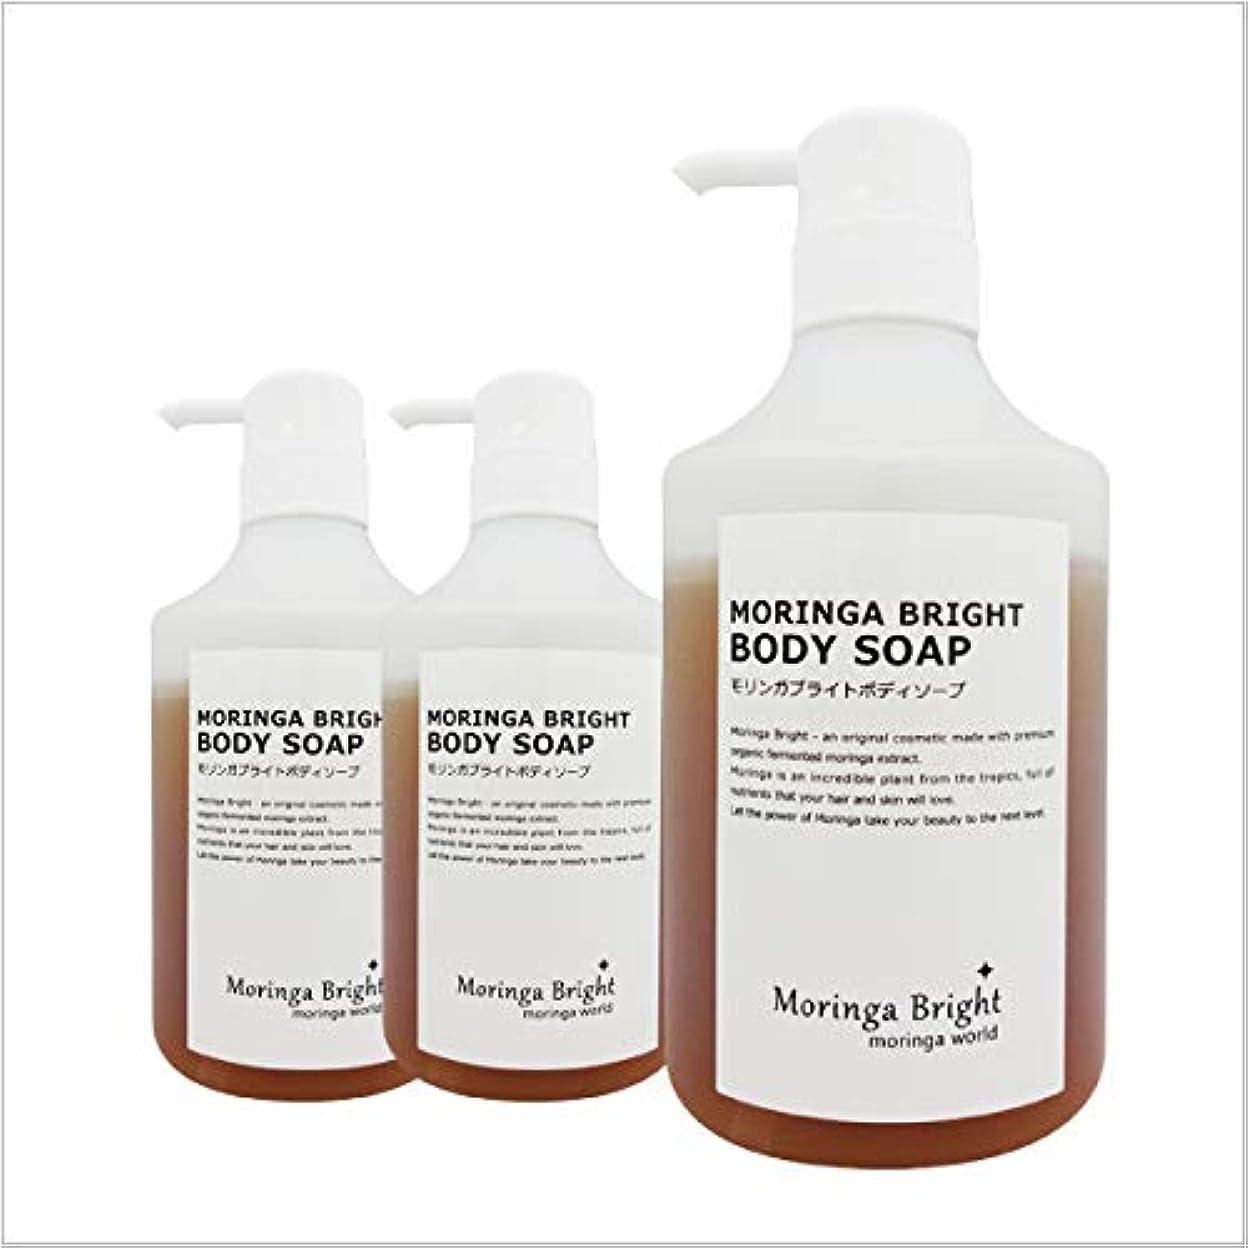 階層人不名誉モンガブライトボディソープ450ml × 3本セット 最上級の無添加ボディ&洗顔ソープ 国内初の保湿美容成分『発酵モリンガエキス』配合